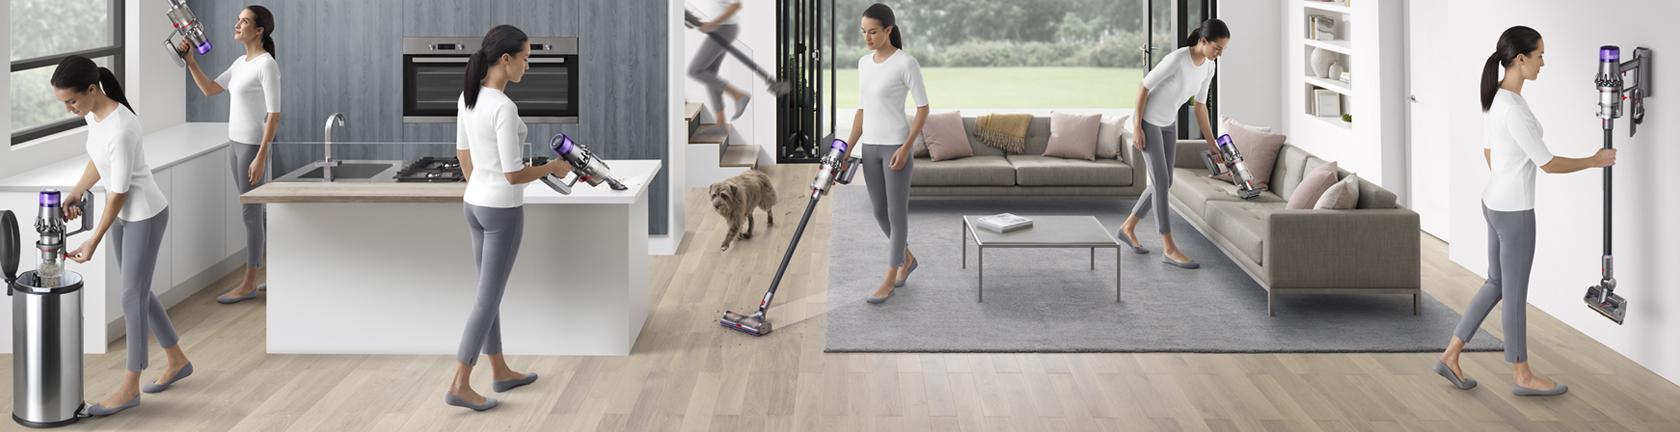 Dyson 6 foto's van een mevrouw waarin ze haar huis schoonmaakt met een Dyson apparaat